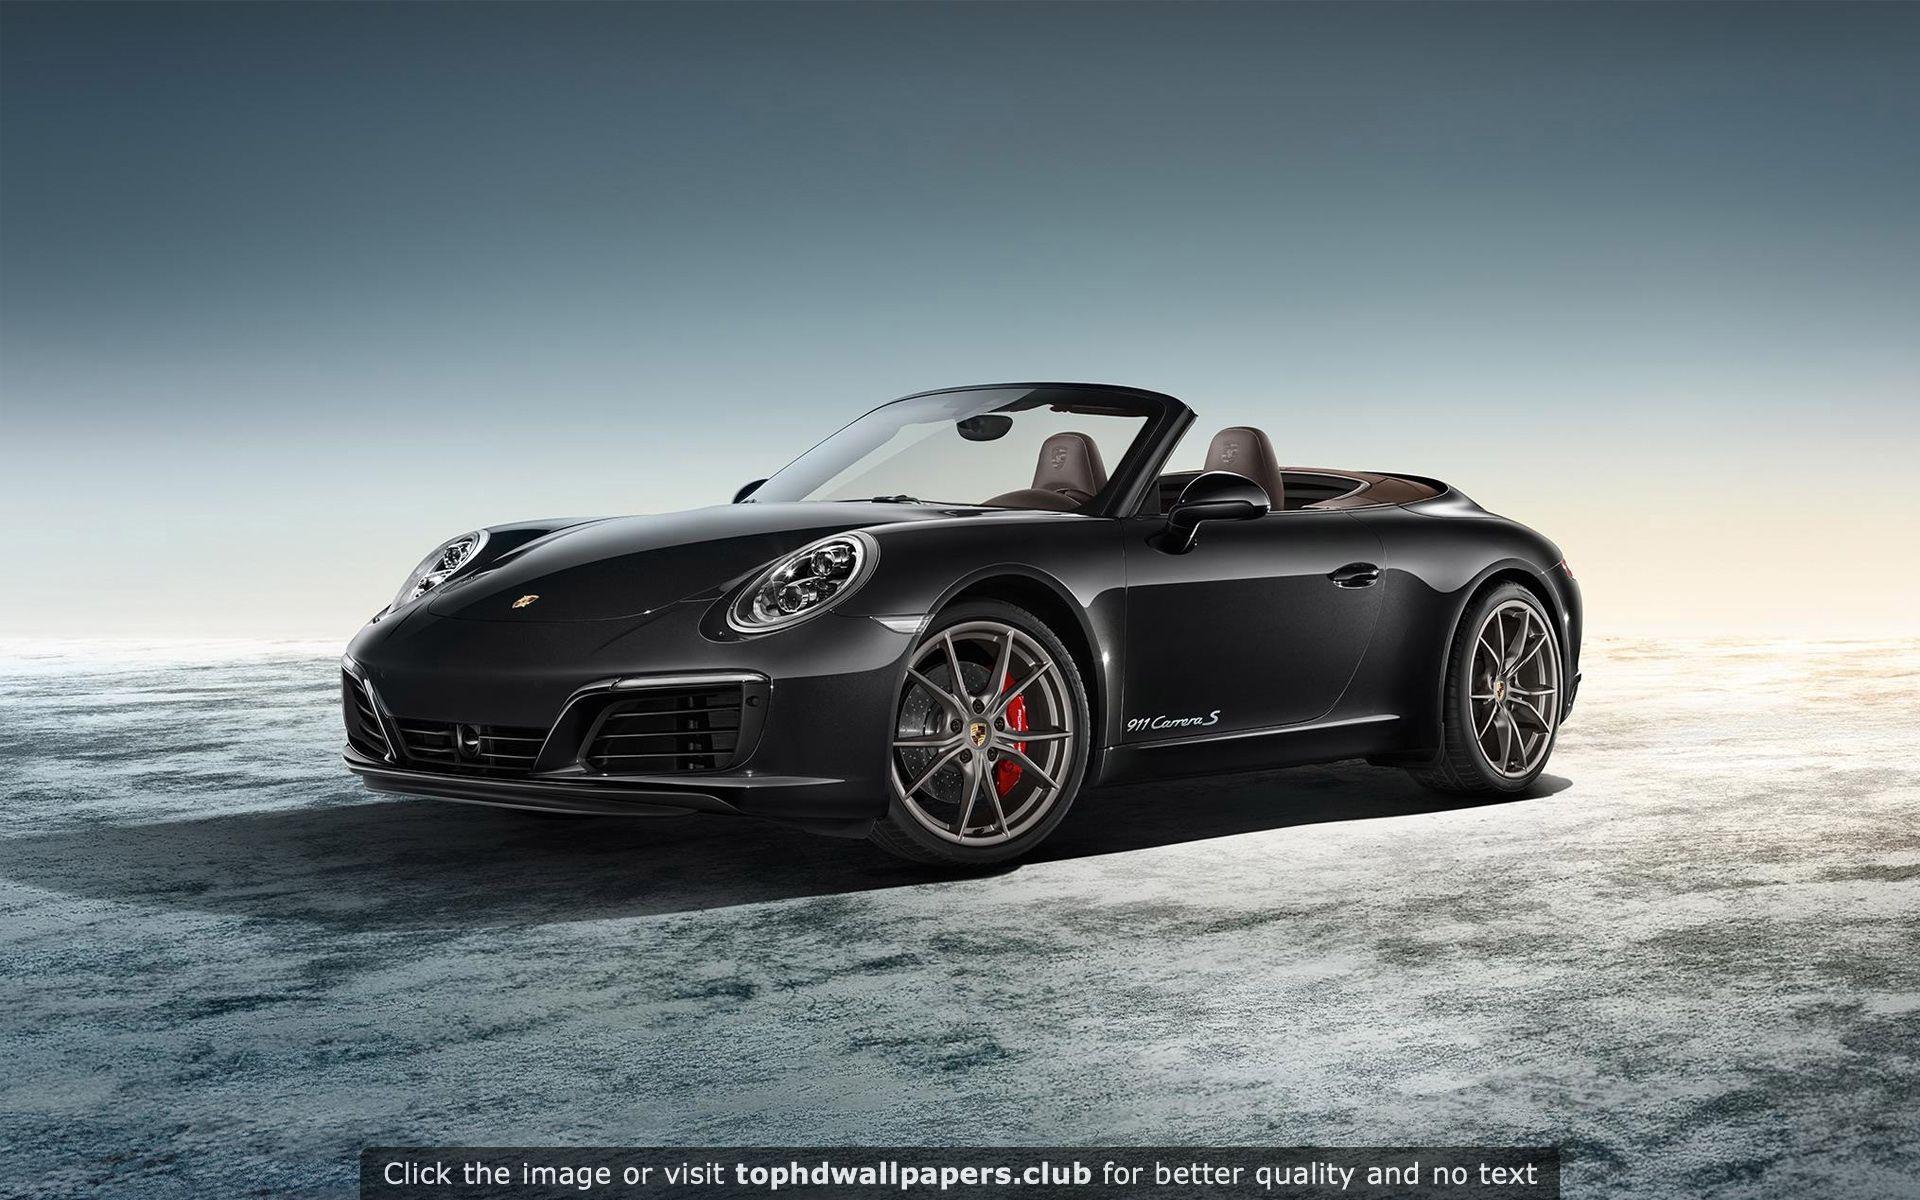 Porsche Exclusive Carrera S Cabriolet 2016 Hd Wallpaper Porsche 911 Cabriolet Porsche Porsche 911